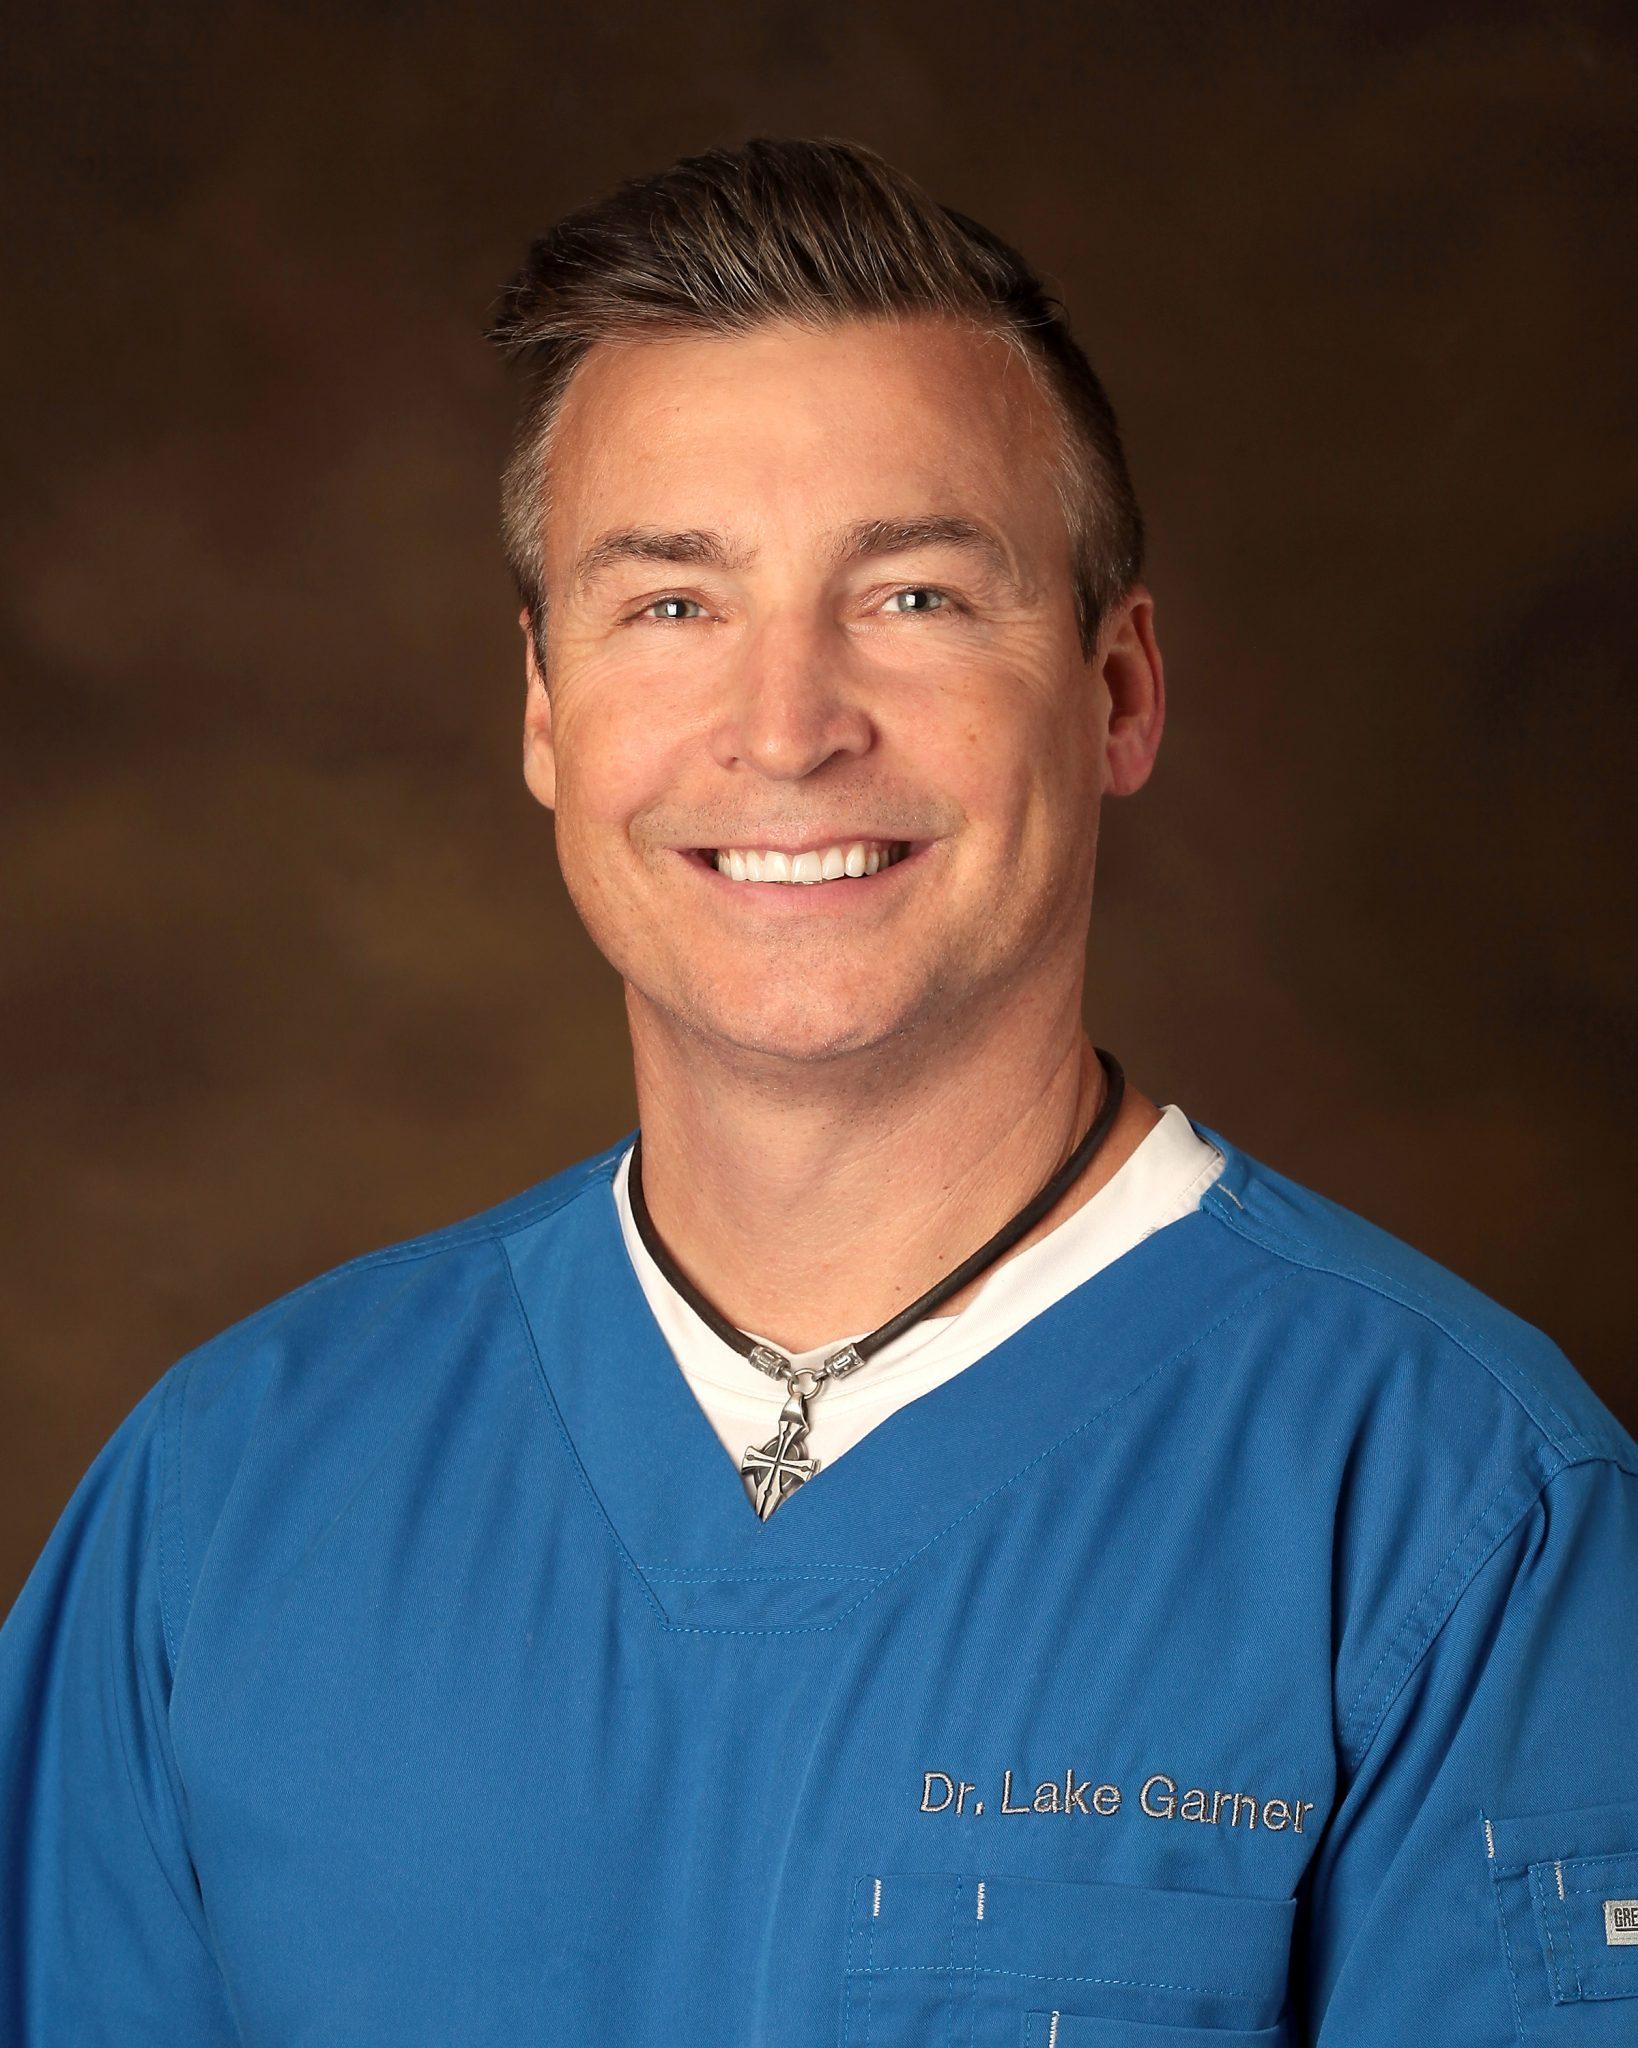 Dr. Lake Garner